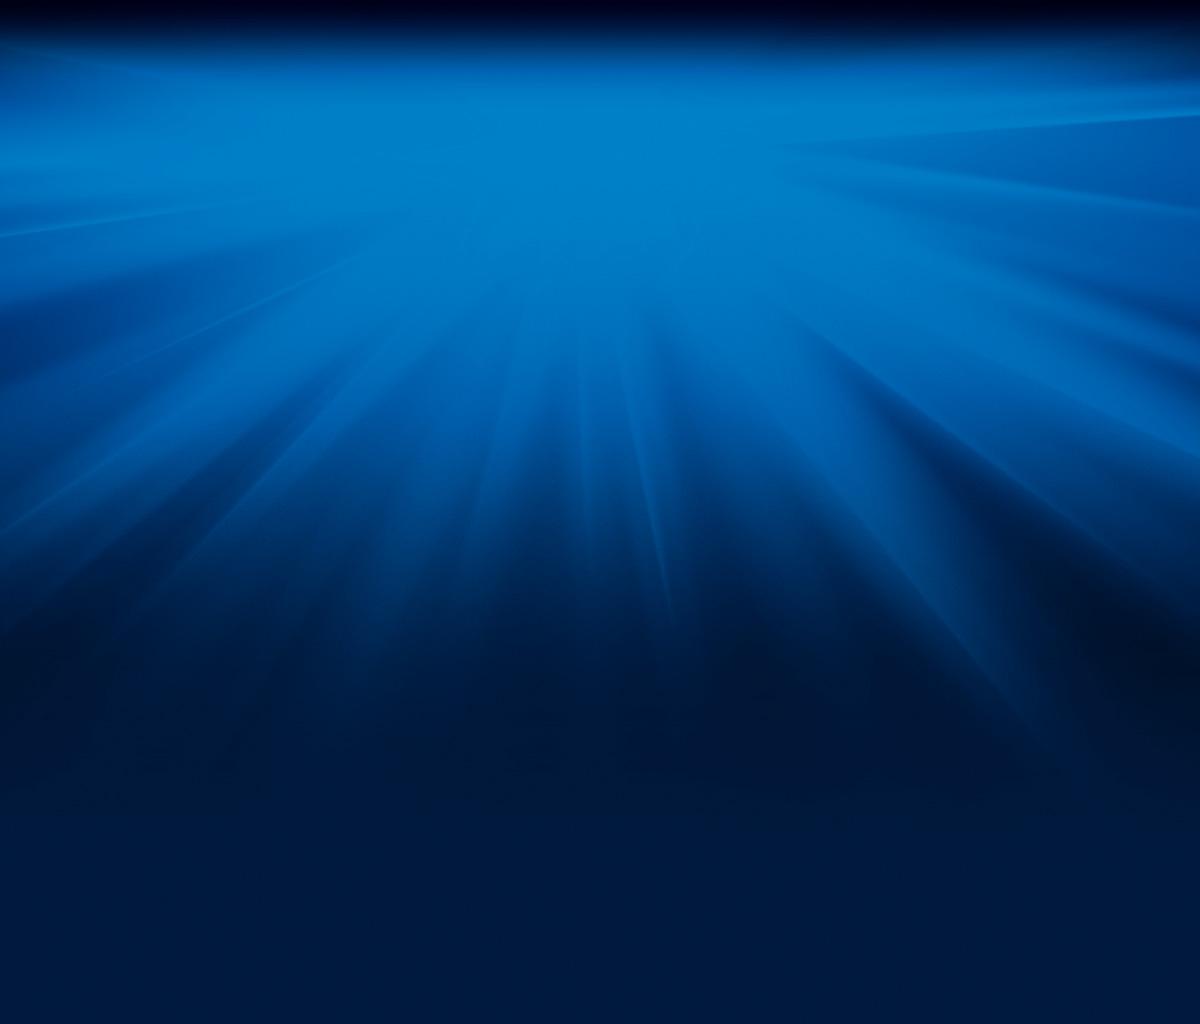 Navy Blue Wallpaper   Widescreen HD Wallpapers 1200x1024